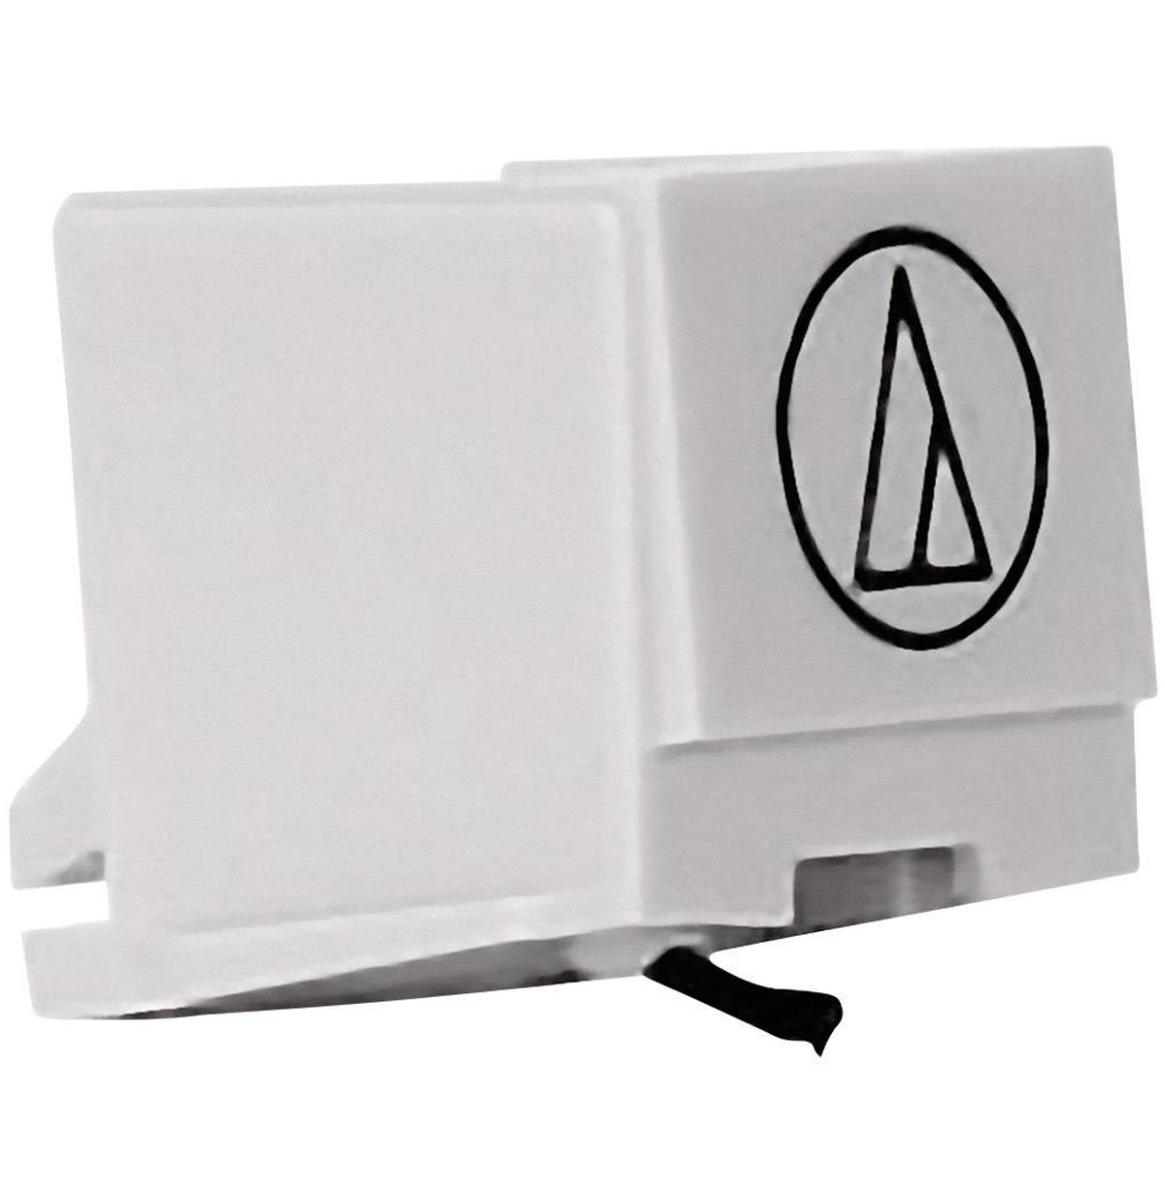 Audio Technica ATN-3600 Rock-Ola Vinyl Jukebox Vervangende Naald